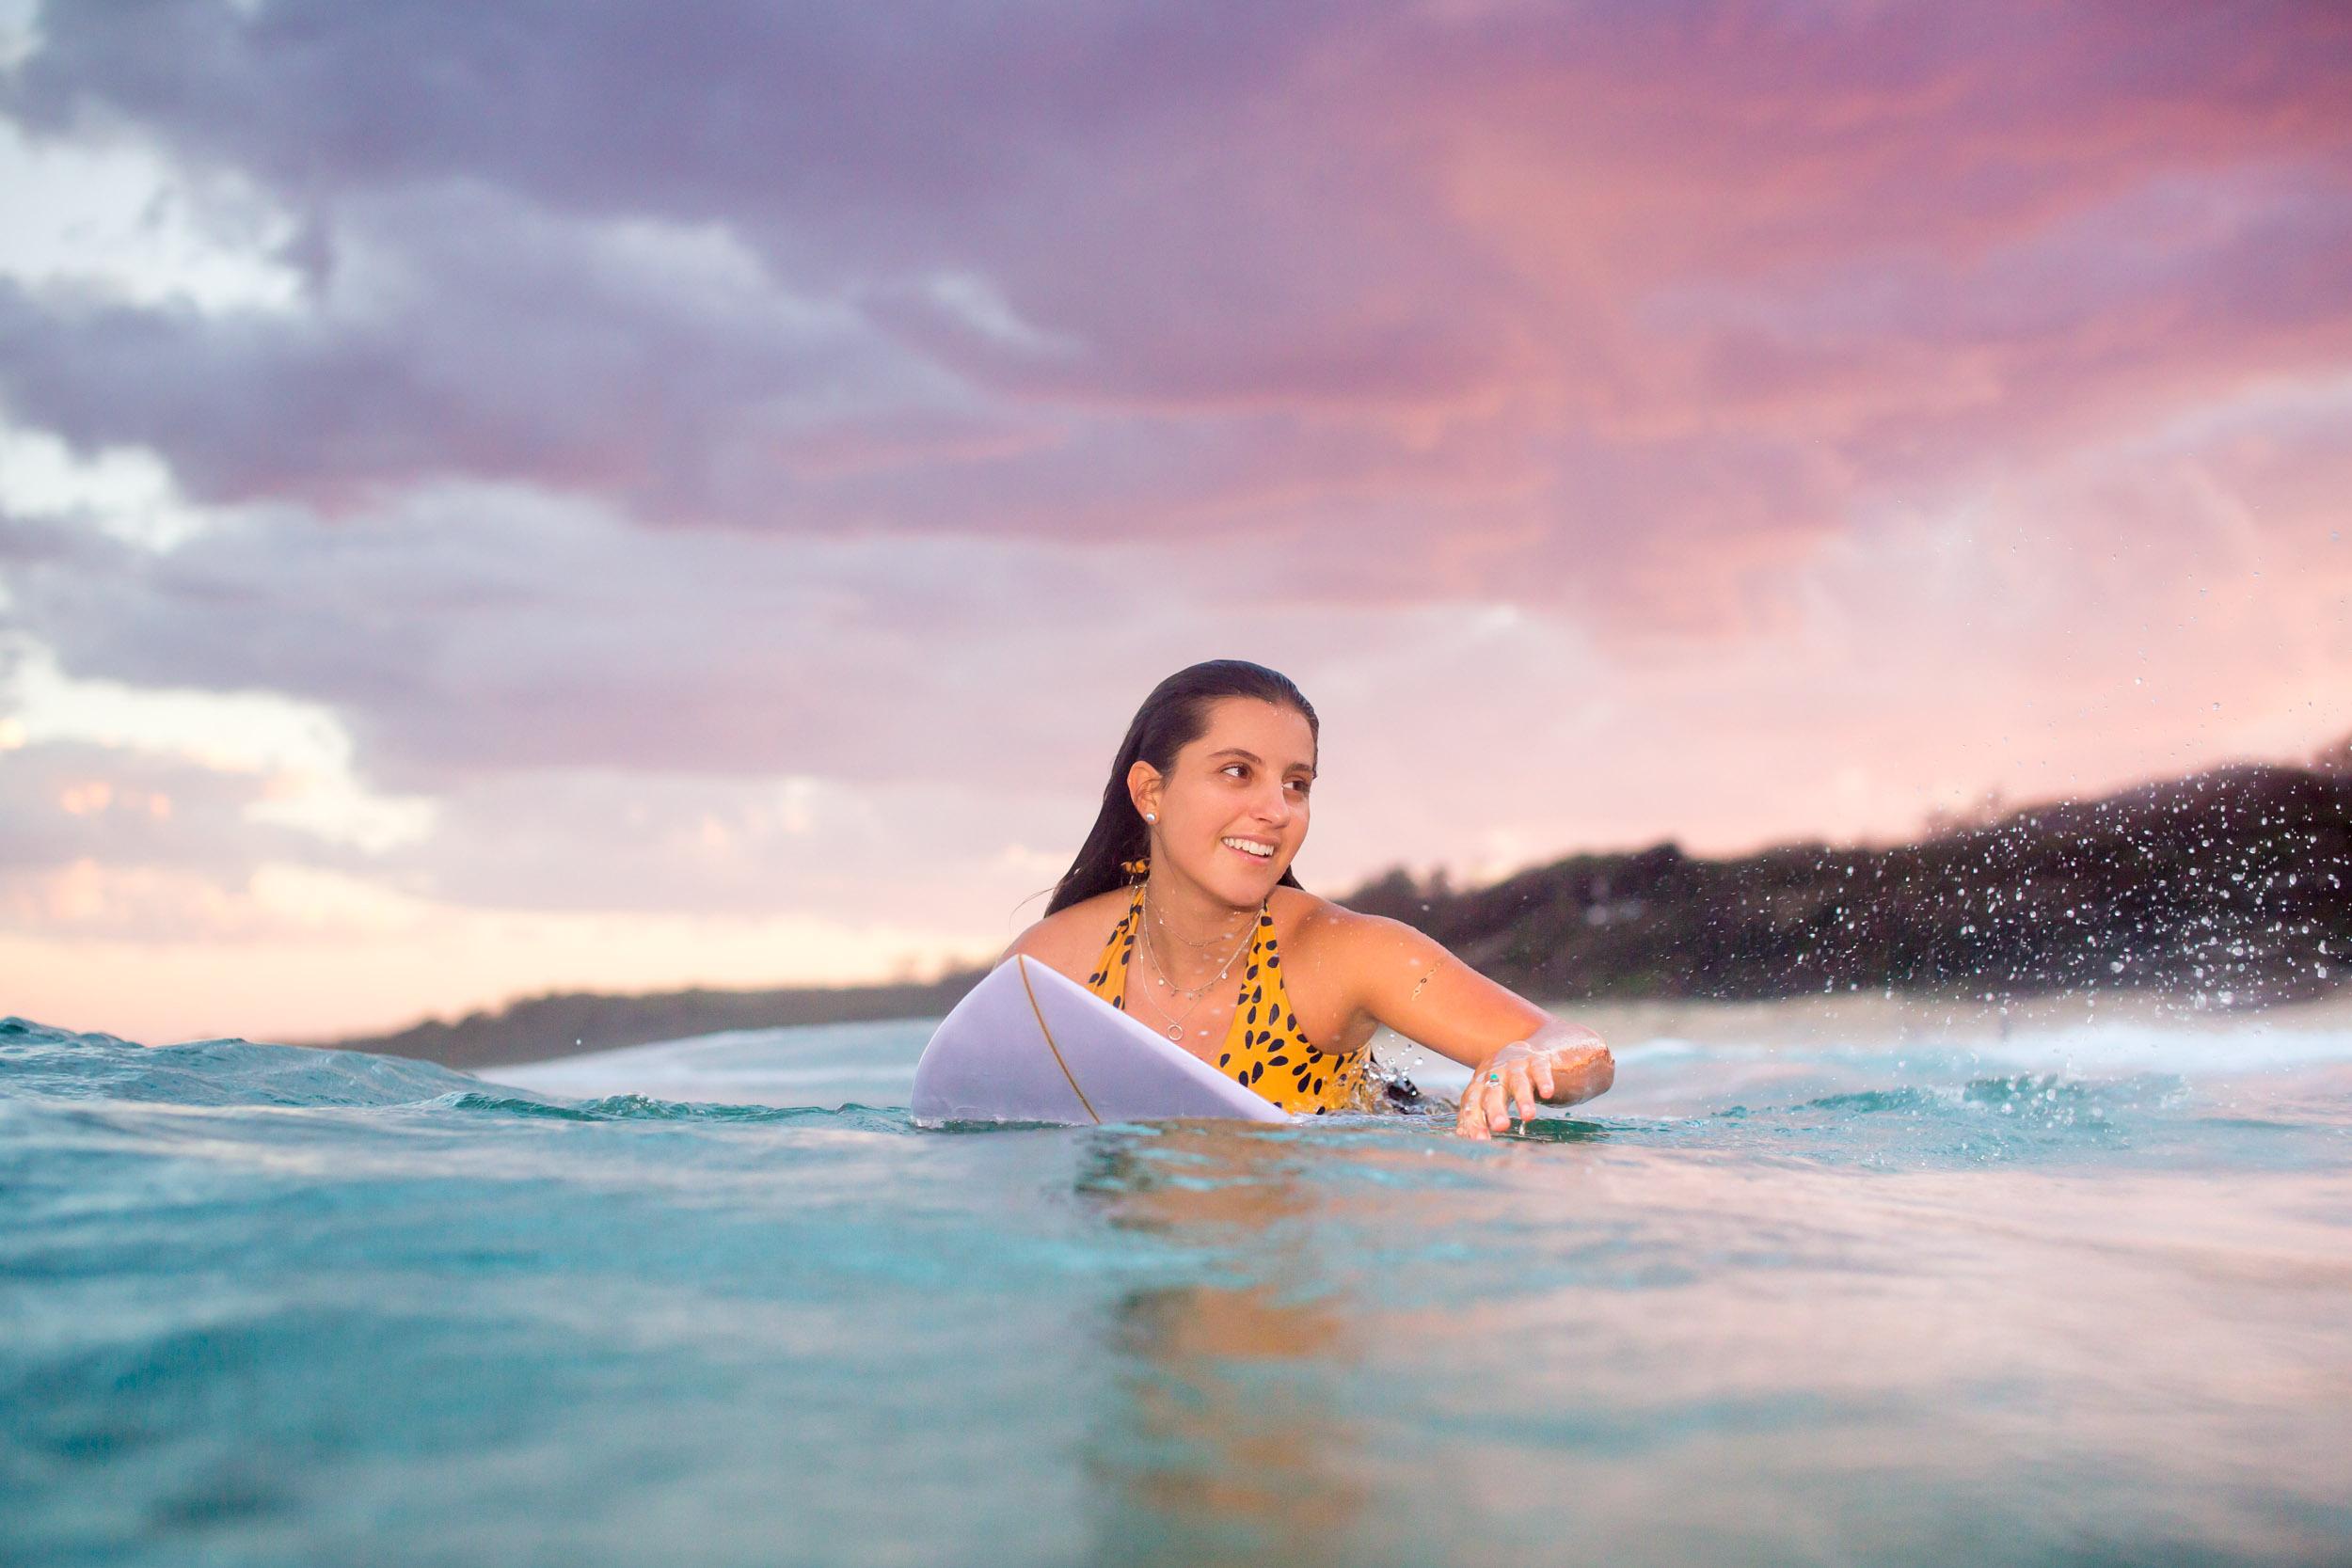 sunshine-coast-surfing-girls.jpg